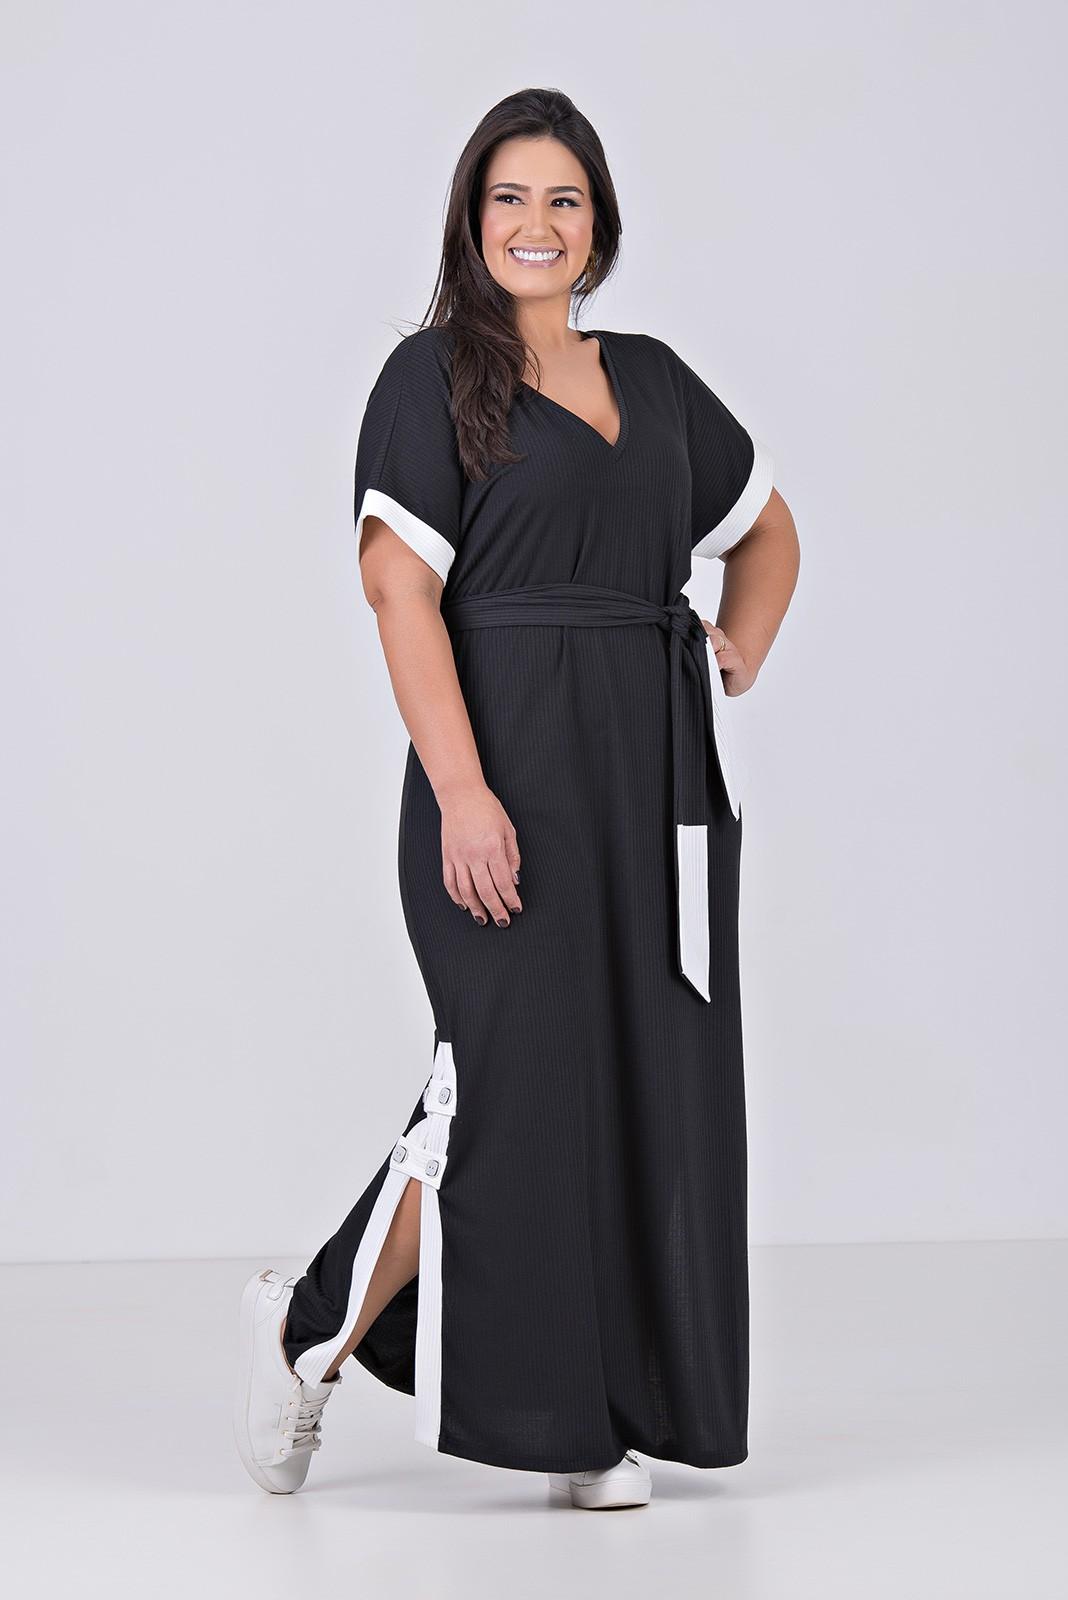 Vestido Comfy, Longo em Malha canelada - Plus Size